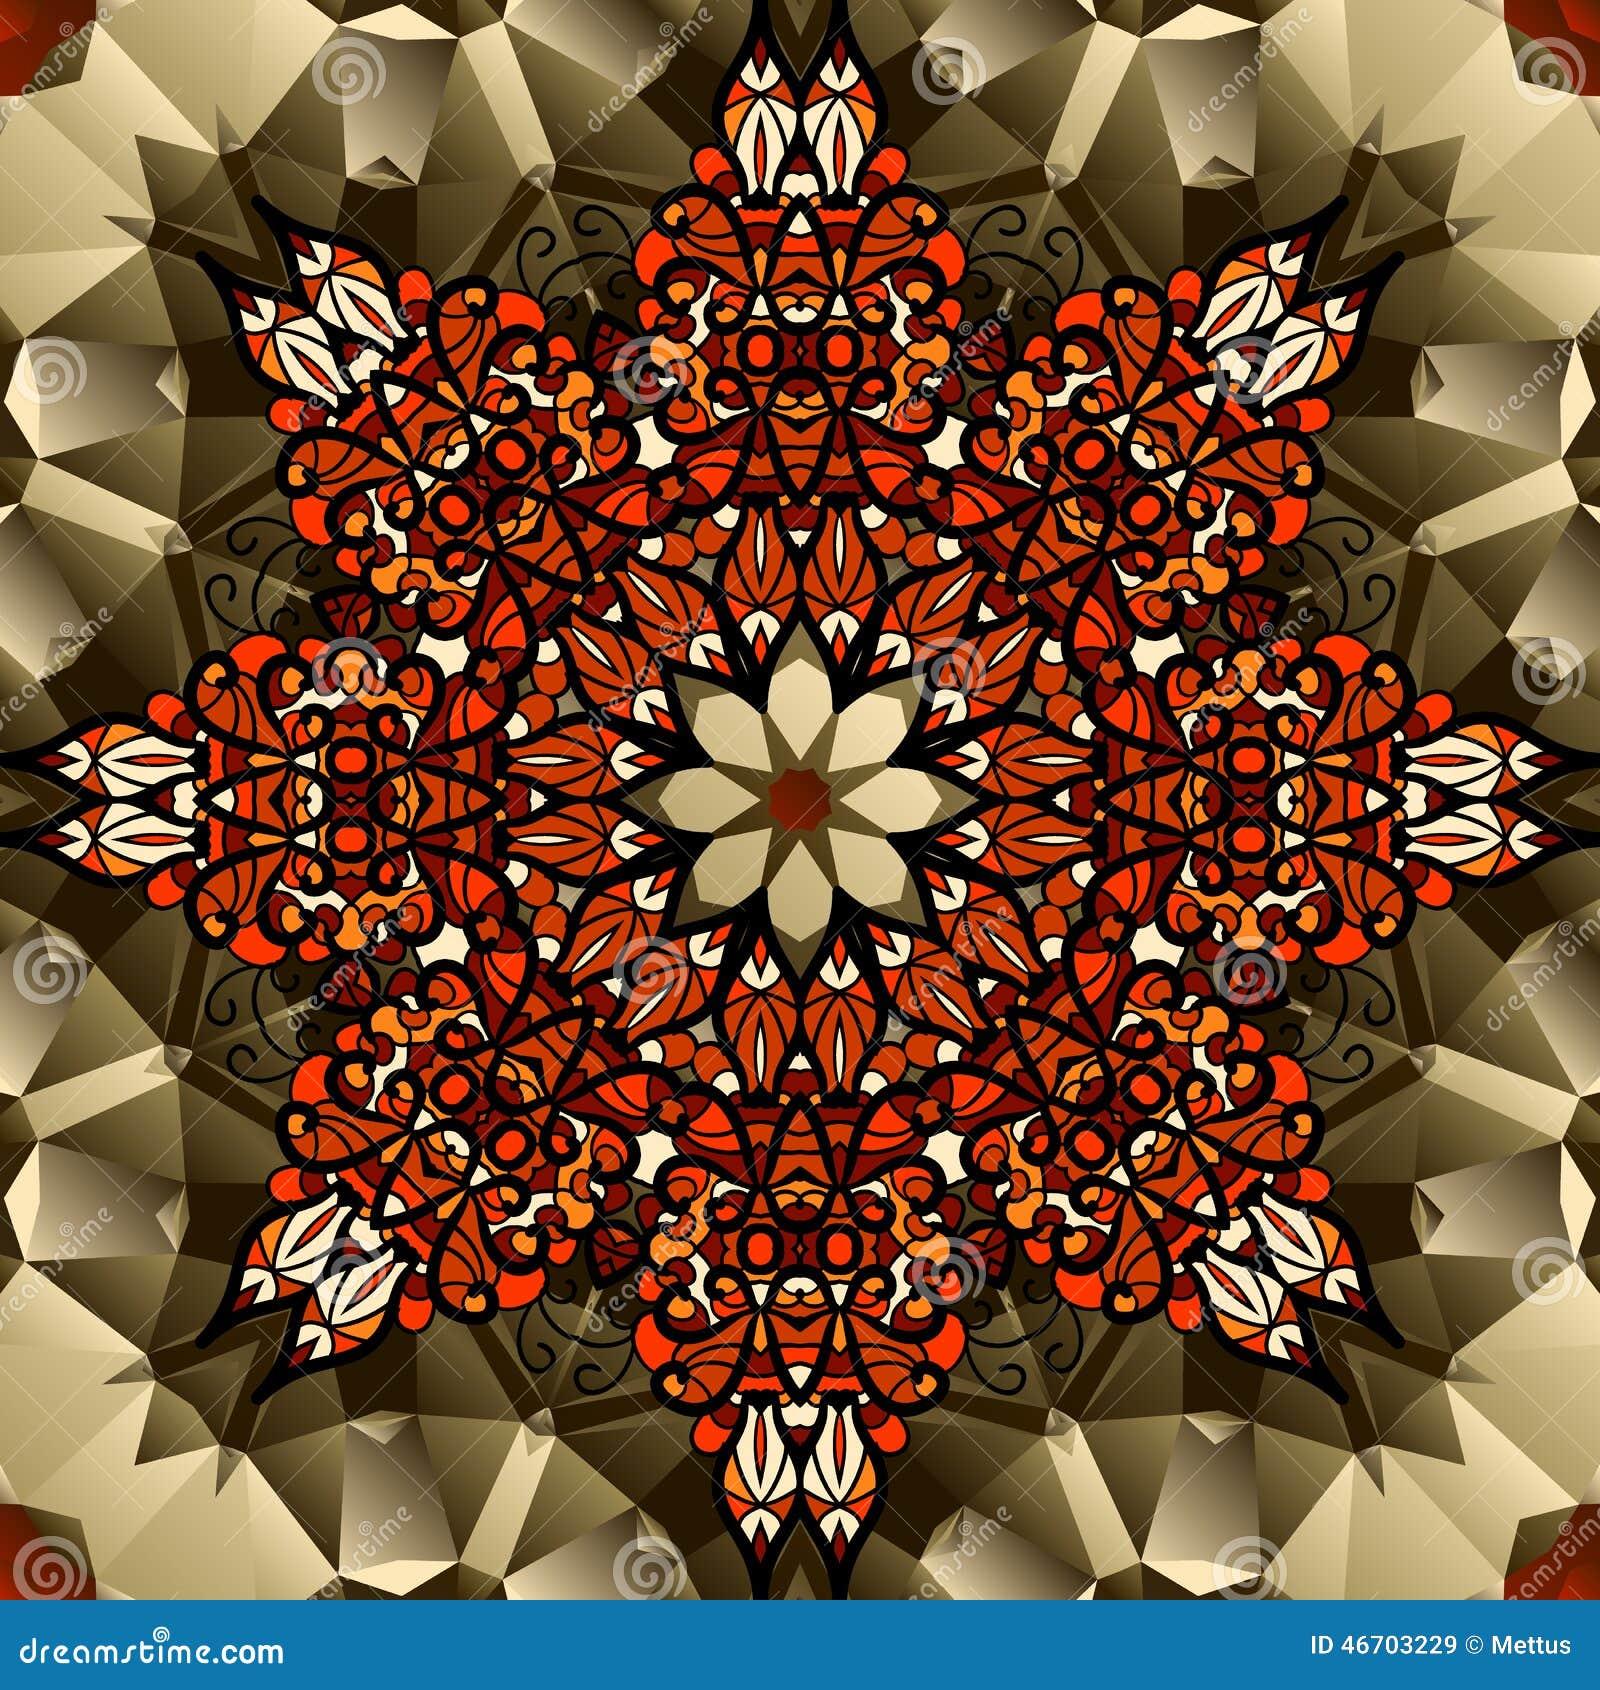 Hindu mandala lotus flower pattern stock vector image 54951841 mandala lotus flower symbol royalty free stock images dhlflorist Gallery